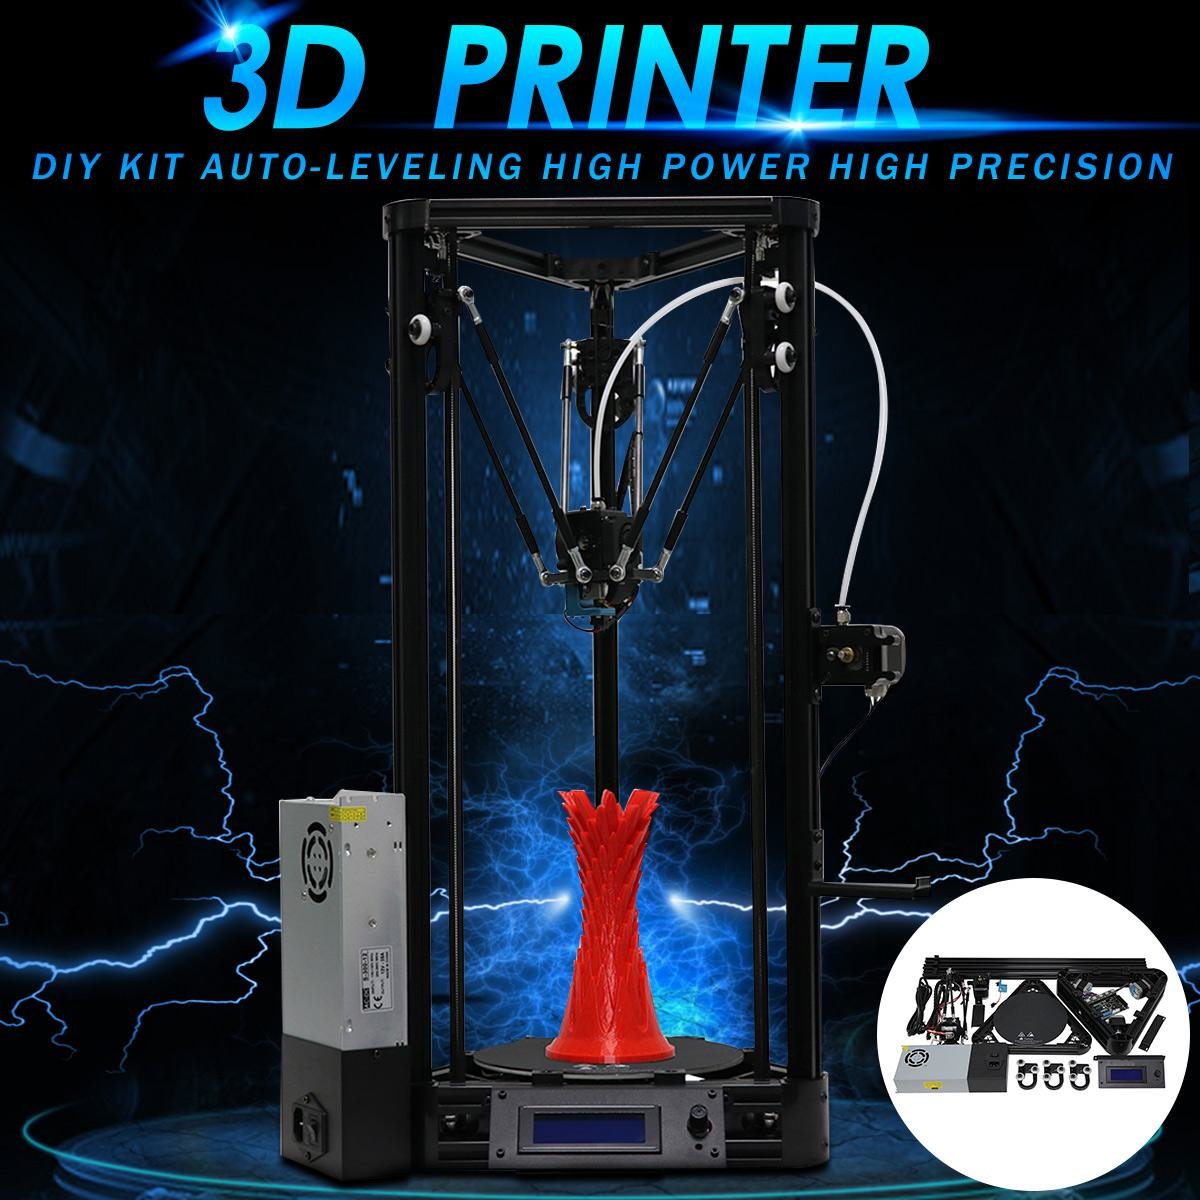 3D Imprimante Poulie 180*300mm bricolage FDM Auto-Nivellement Haute Puissance Haute Précisions 3D Drucker Imprimante kit de bricolage